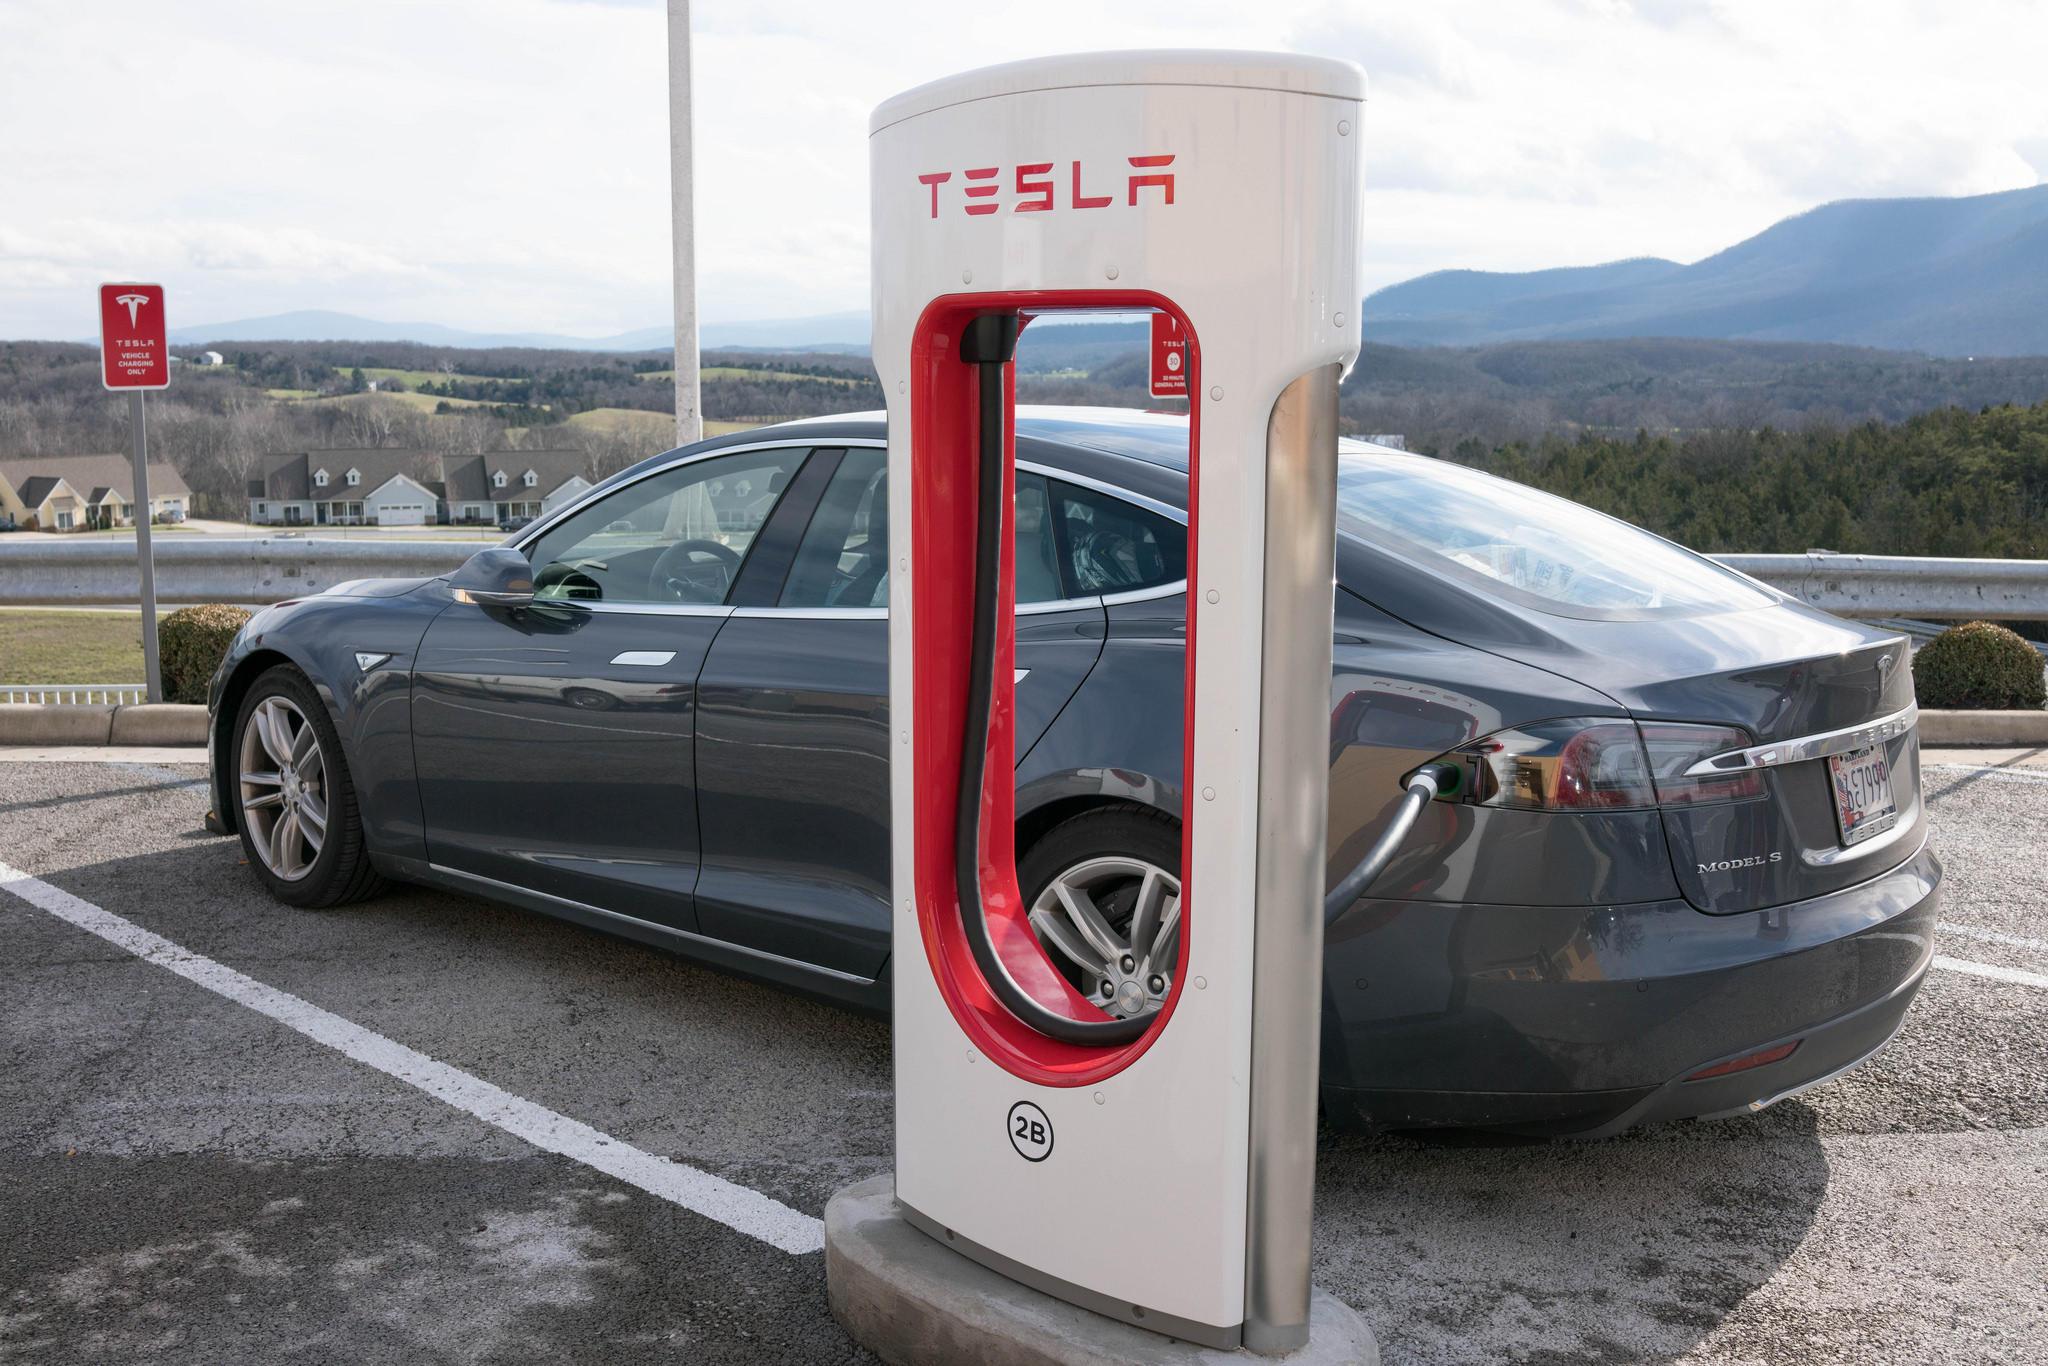 بحلول 2040.. السيارات الكهربائية تسيطر على الطرق